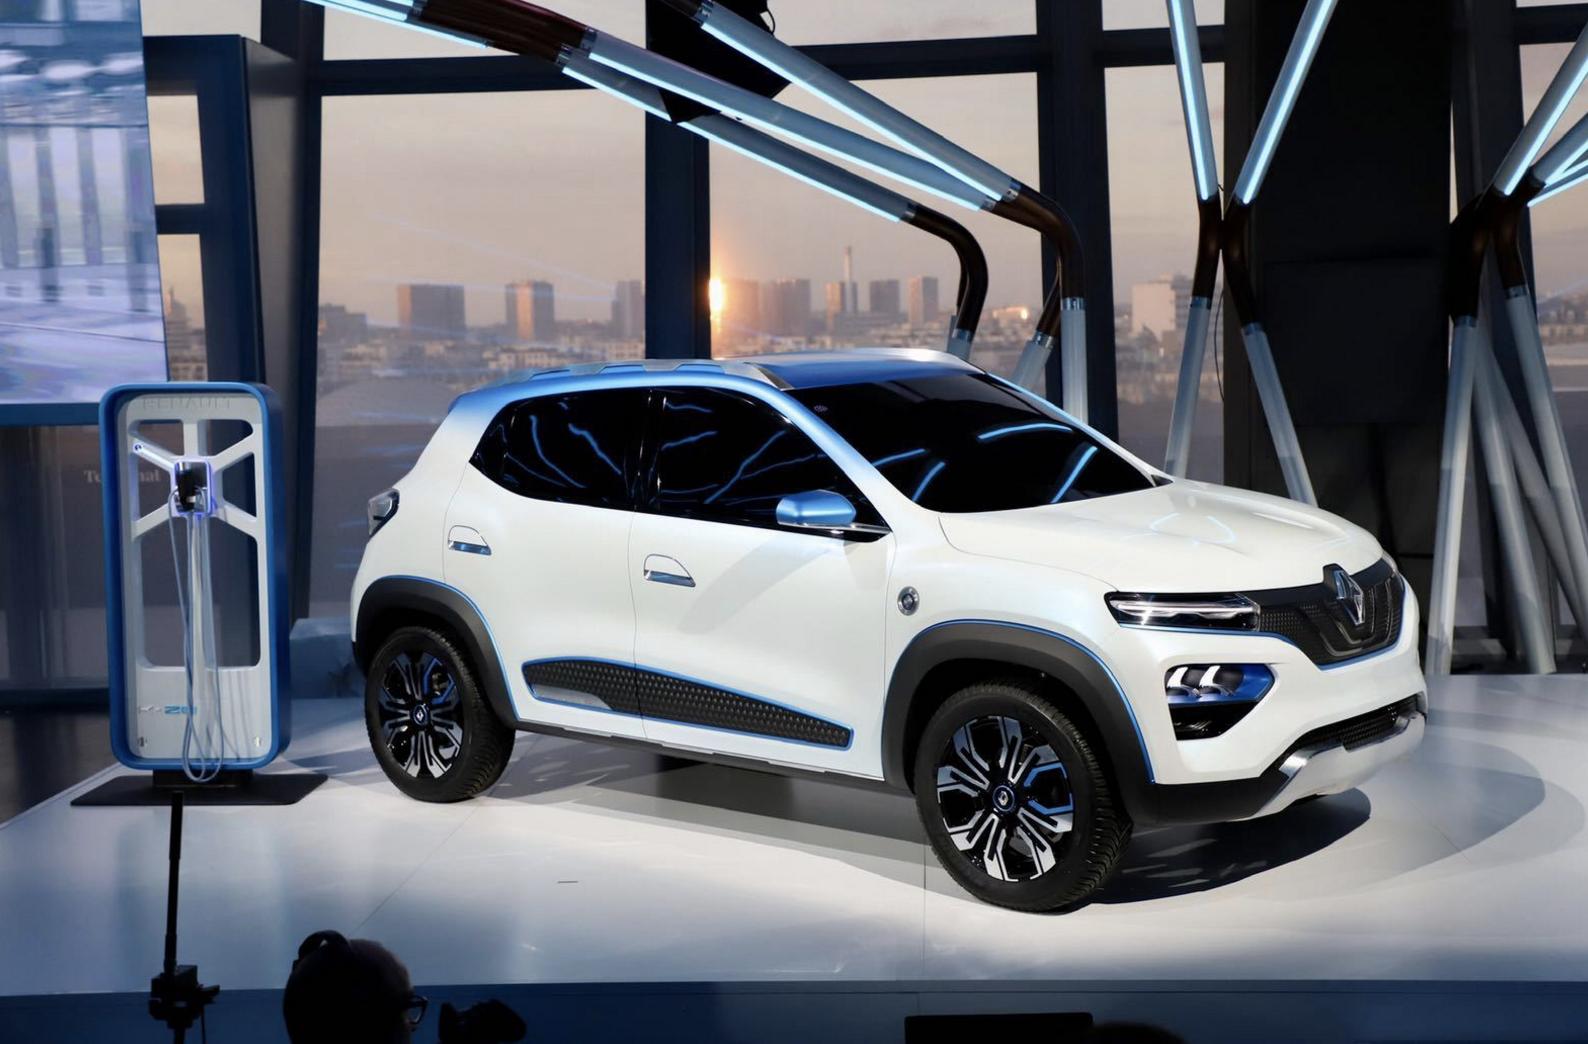 雷诺发布K-ZE电动SUV 续航250公里 明年推国产